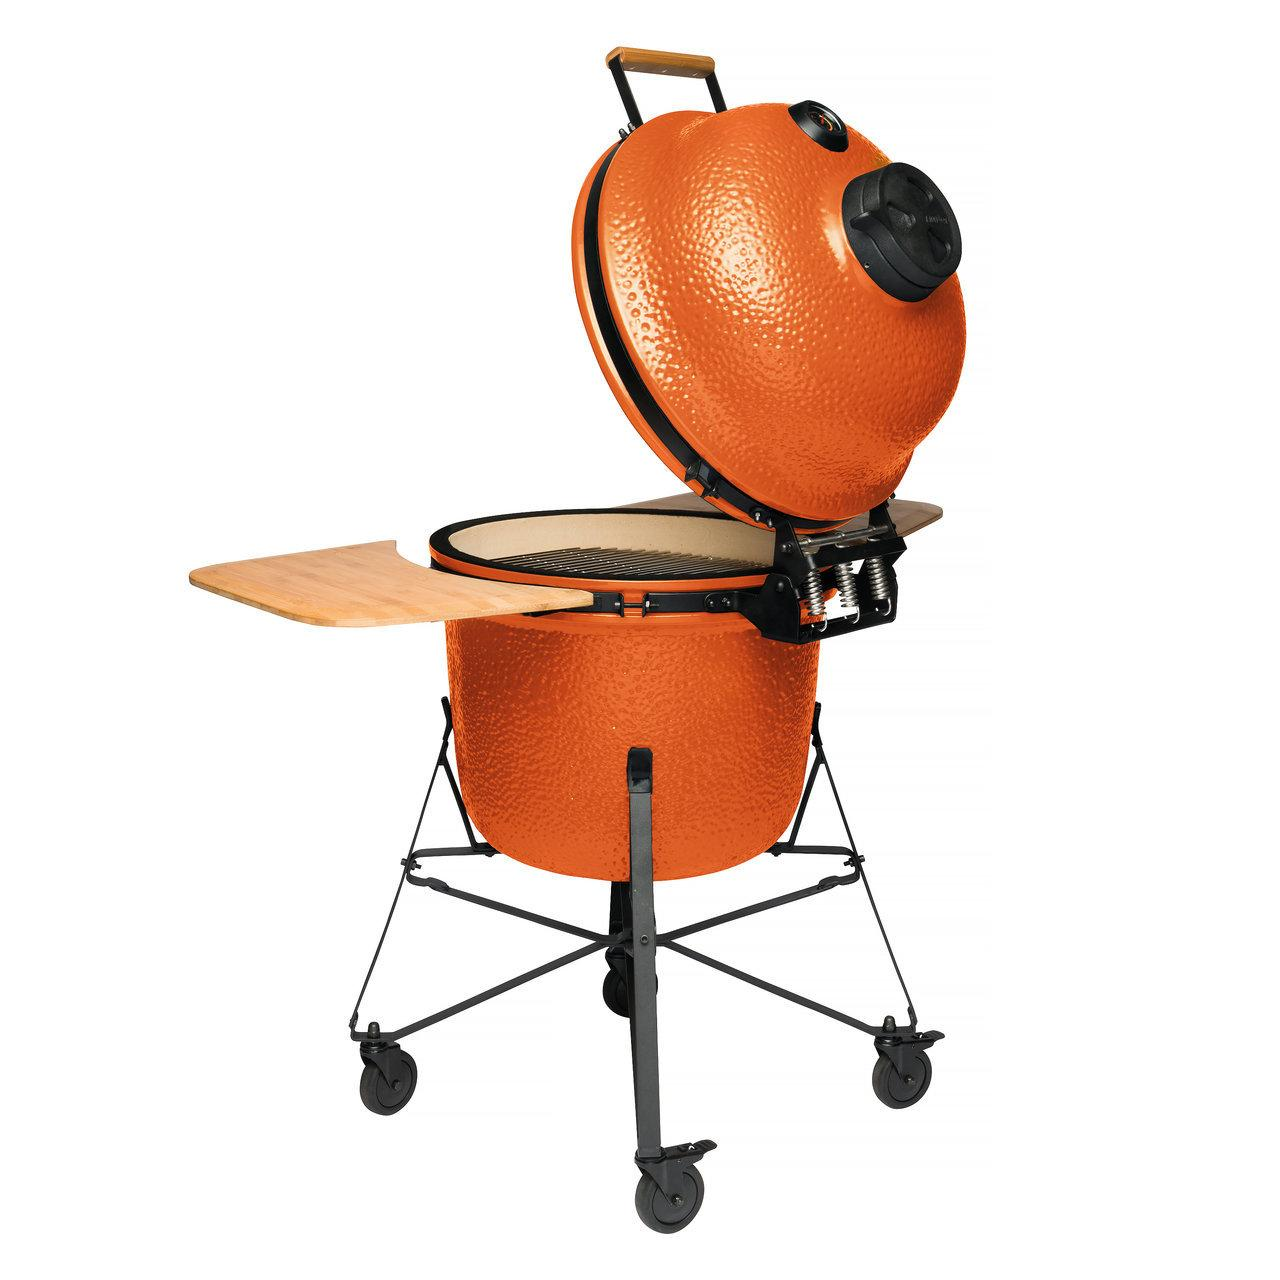 Керамический уличный гриль большой 135*58*120см (оранжевый) - 2 фото